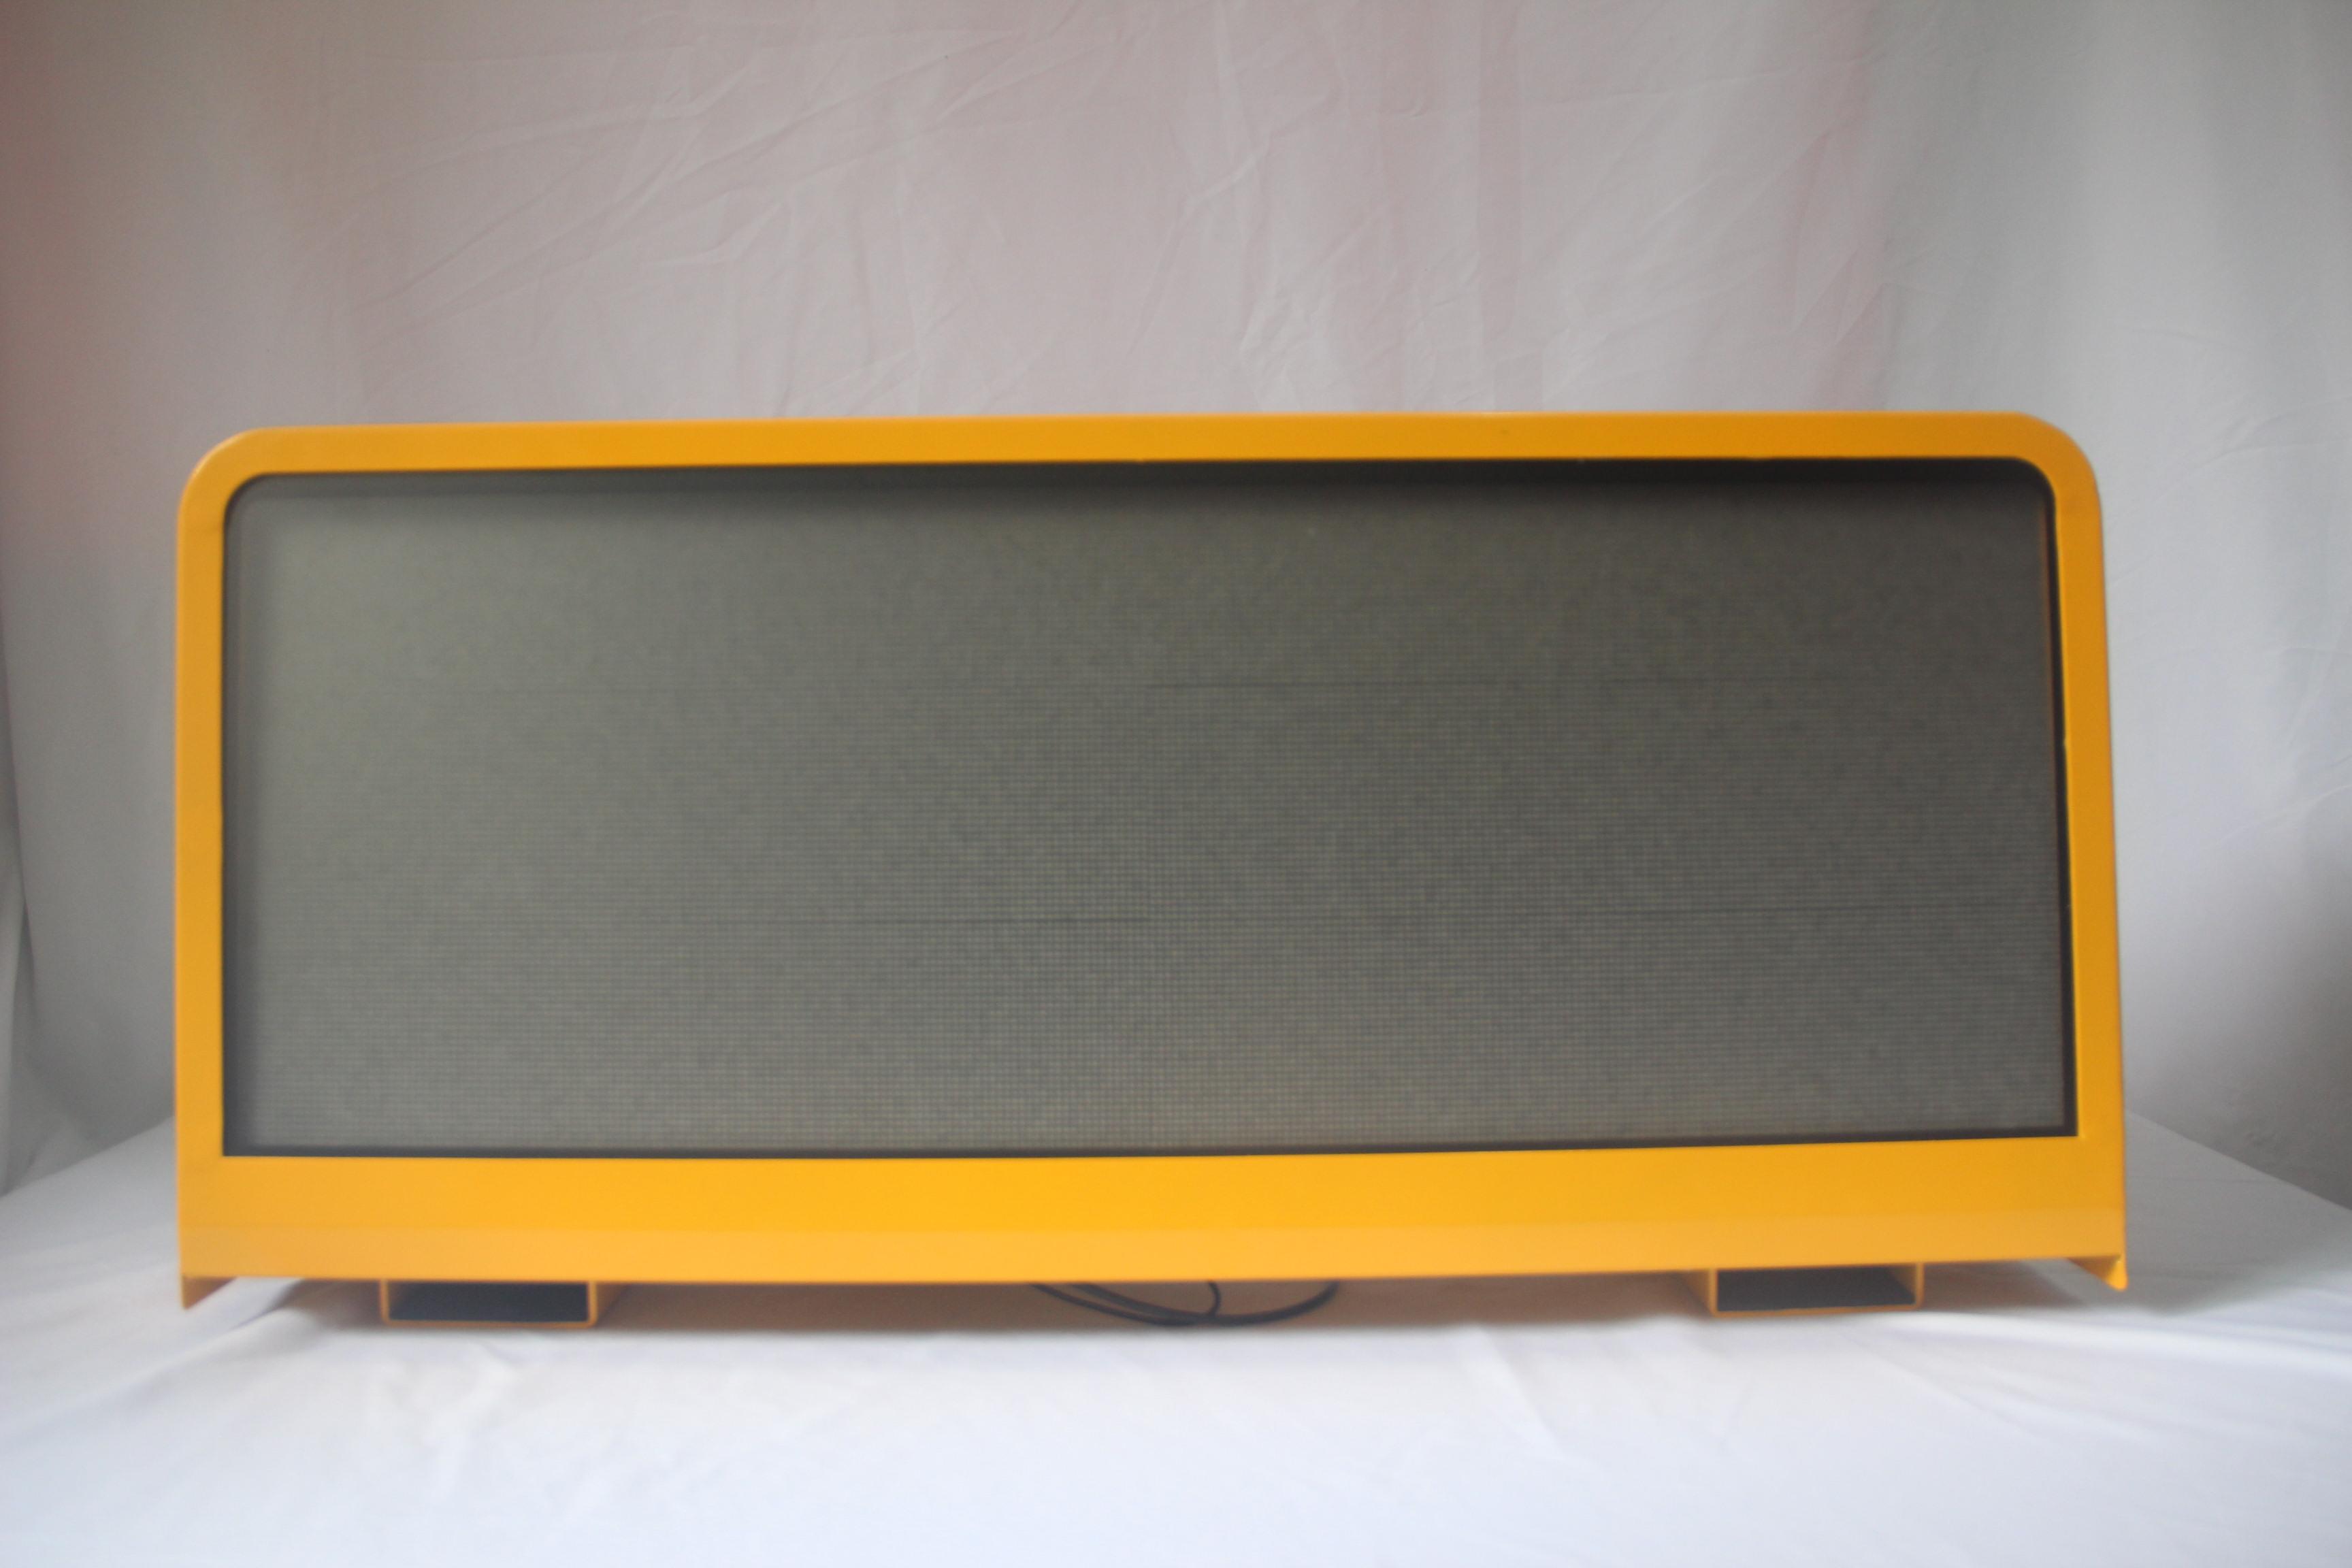 P3 Taxi Top Display